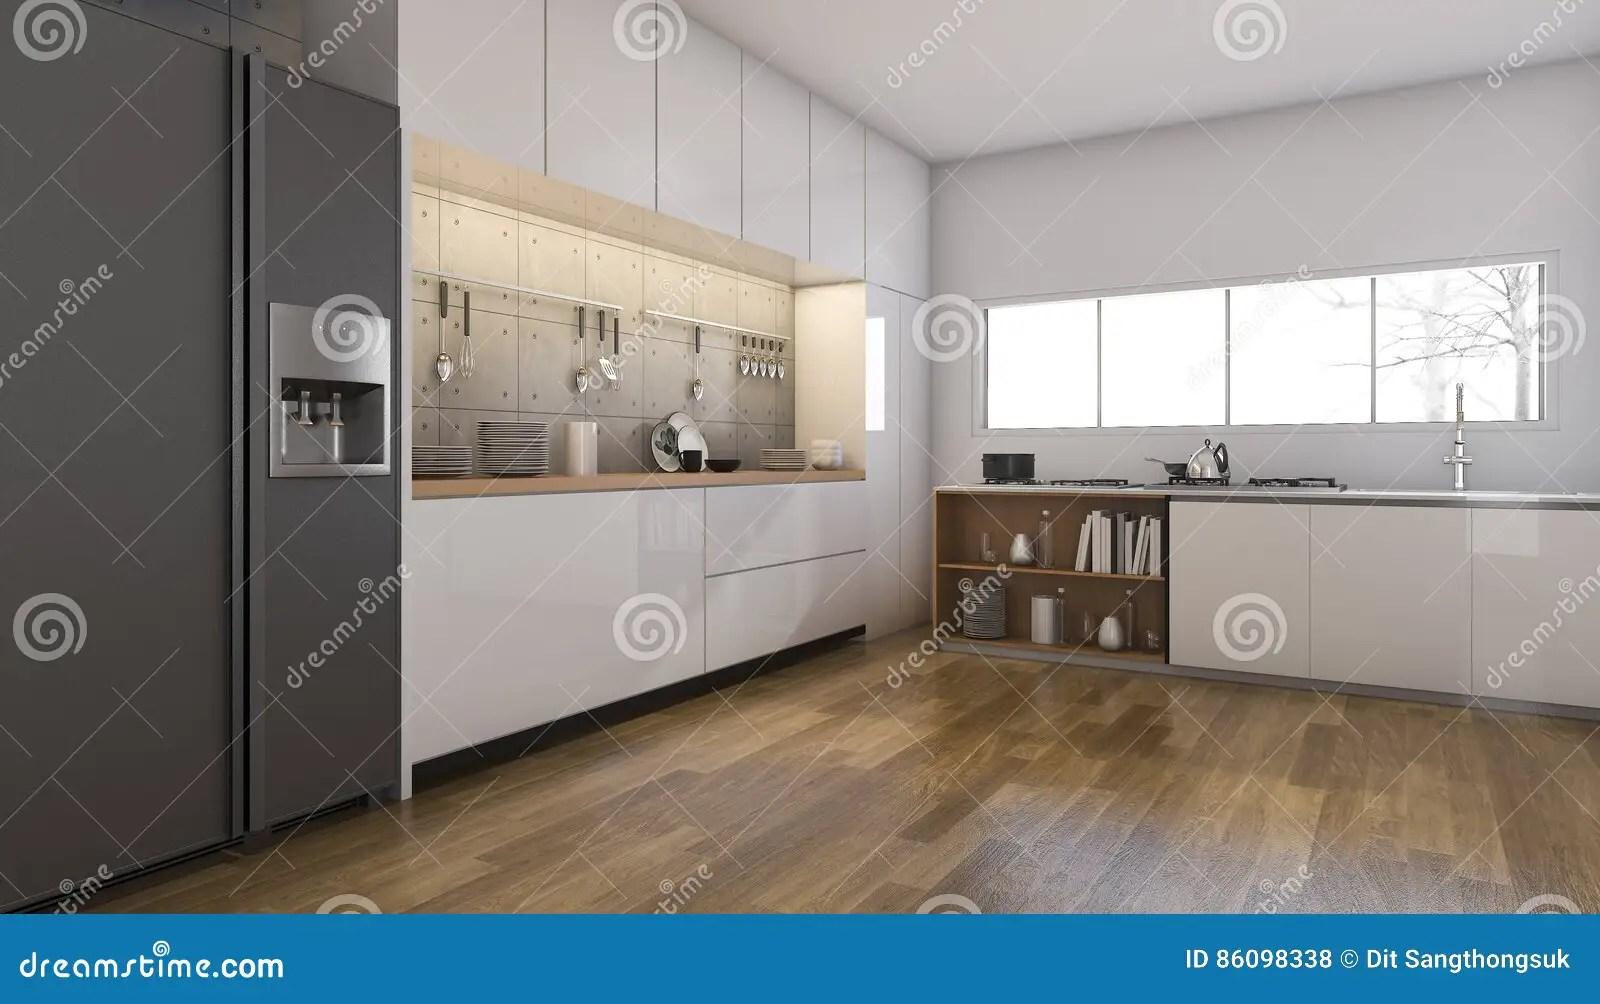 Holzfußboden In Küche ~ Holzfußboden küche helle holzböden in der küche so beeinflussen